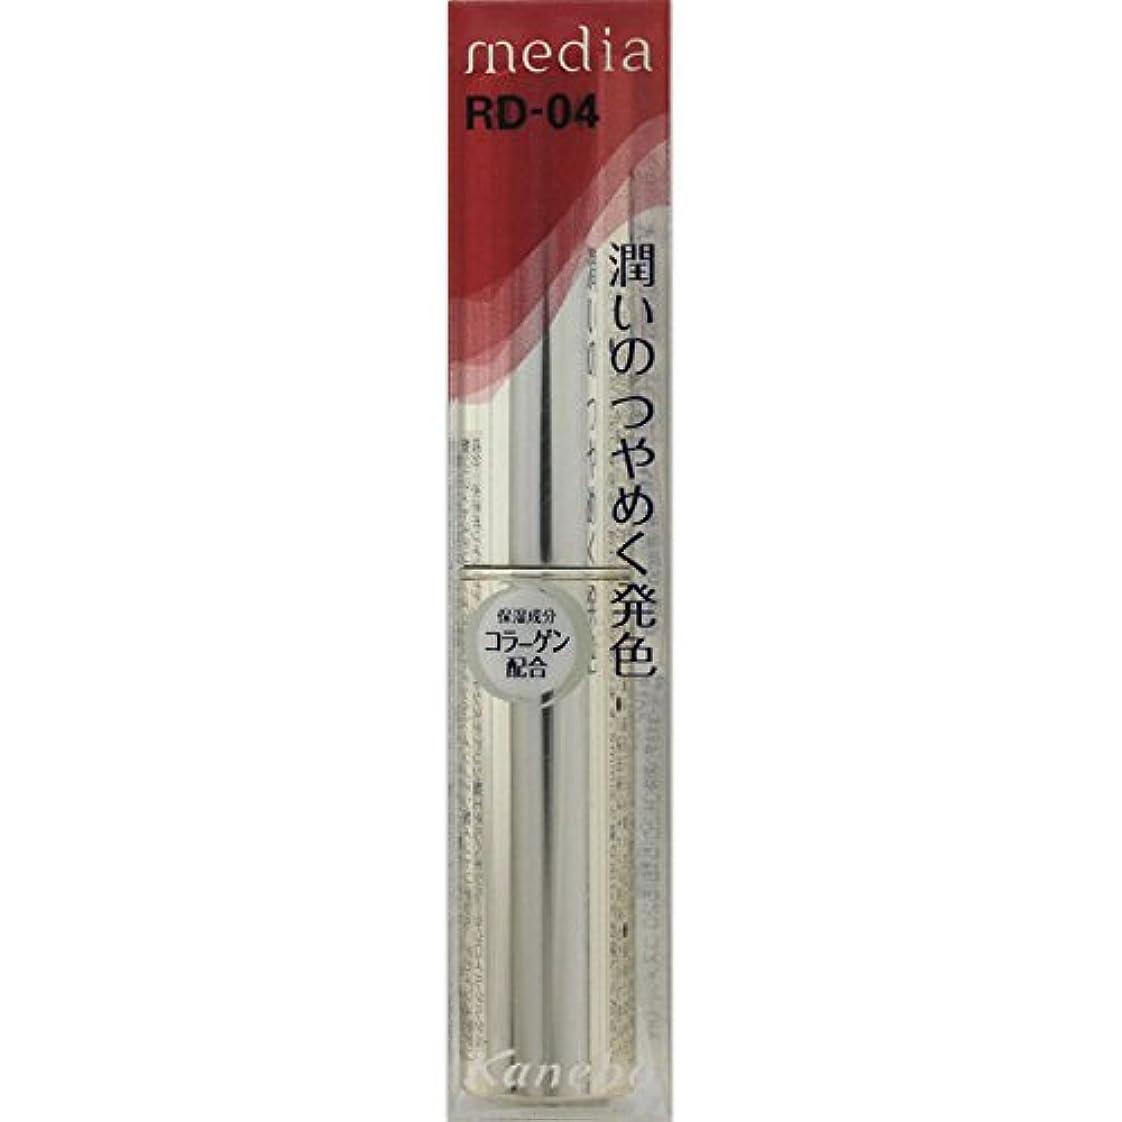 回復する角度脆いカネボウ メディア(media)シャイニーエッセンスリップA カラー:RD-04